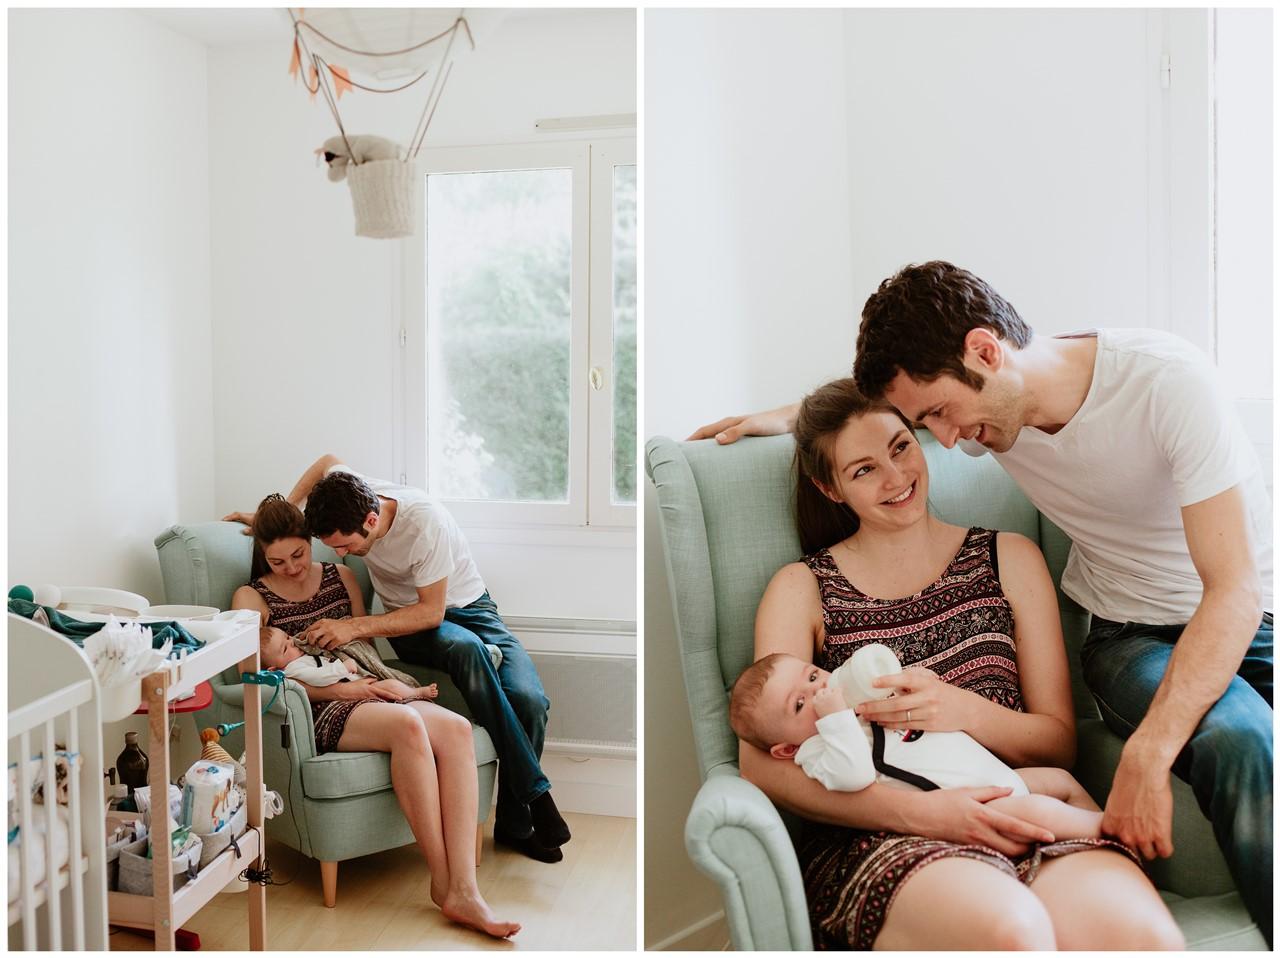 séance-famille-maison-photographies-quotidien